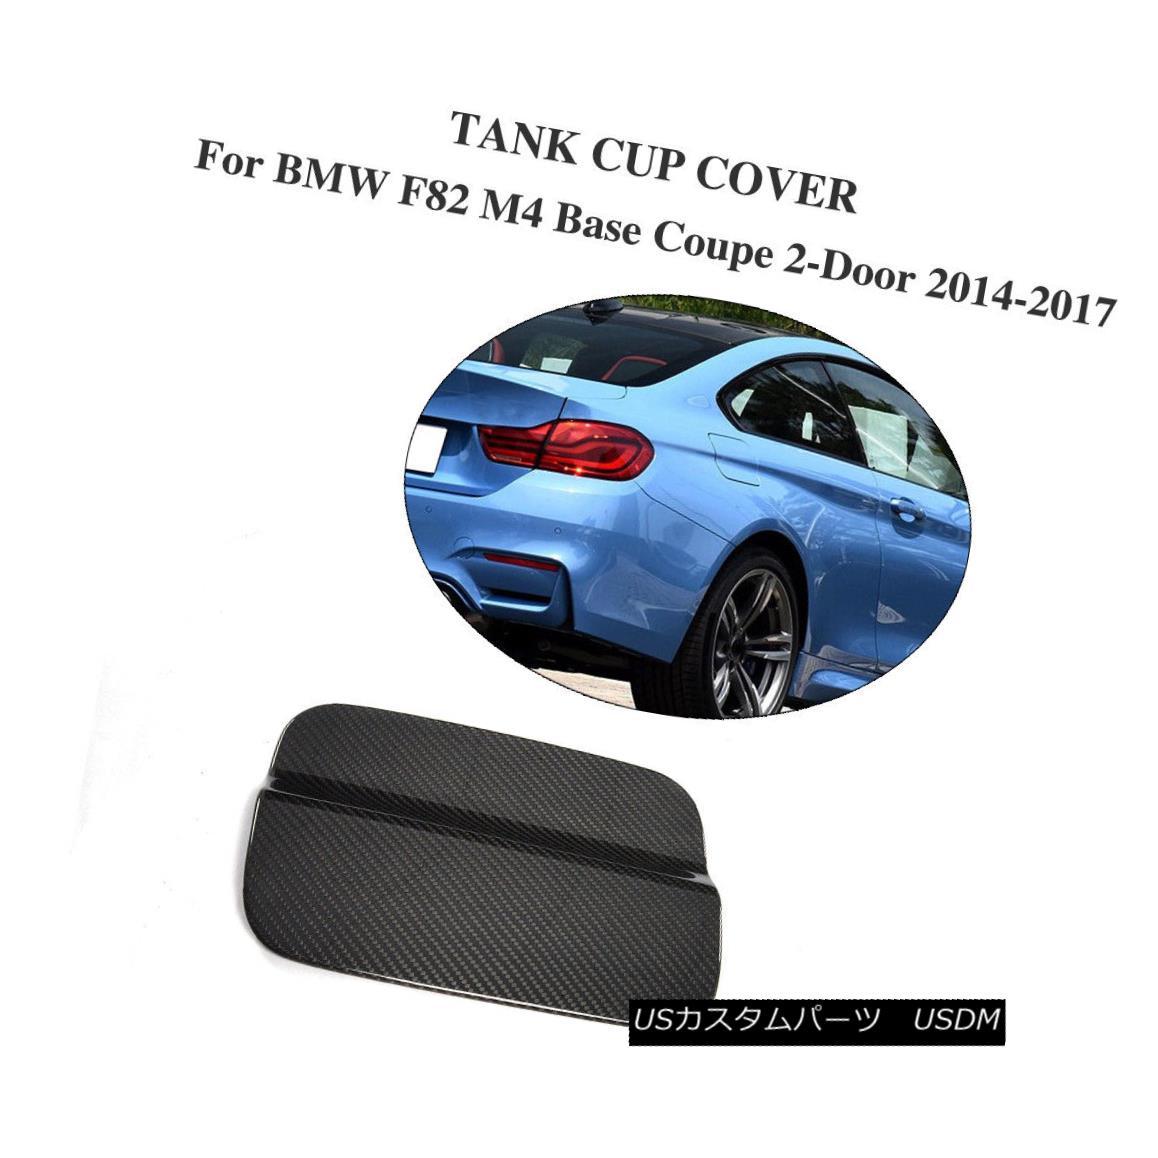 エアロパーツ Black Fuel Tanks Cup Cover Carbon Fiber Fit For BMW F82 M4 2-Door 2014-2017 ブラック燃料タンクカバーBMW F82 M4 2ドア2014-2017用カーボンファイバーフィット